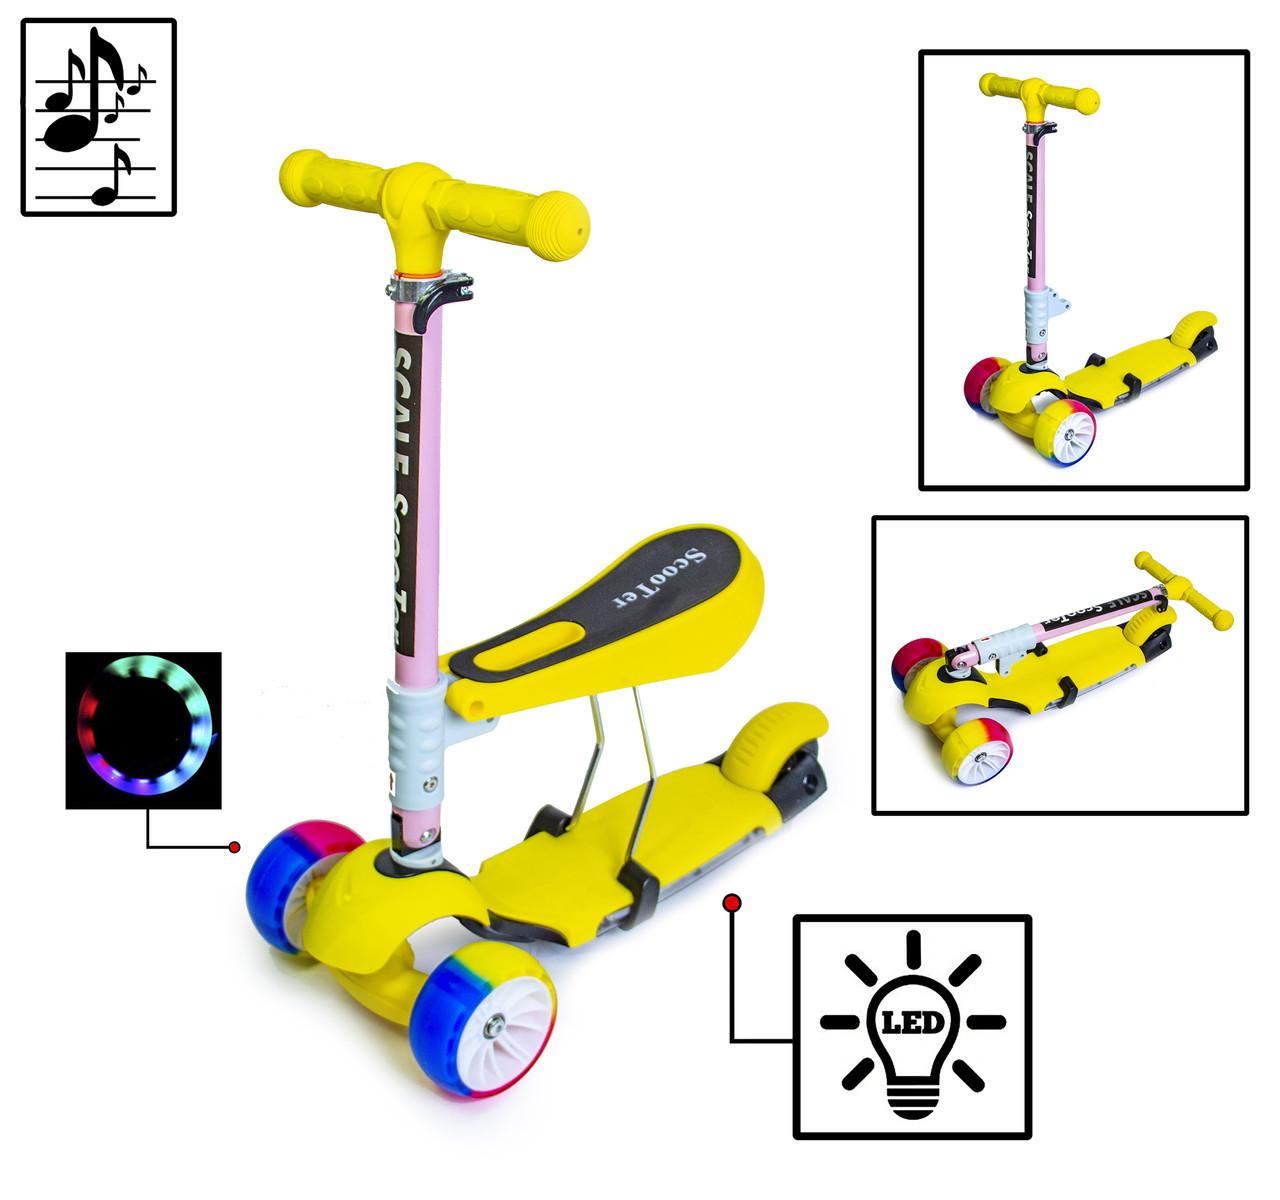 Самока Scooter 3in1.Yellow. Складная ручка! Cо светом и музыкой! Смарт-колеса!